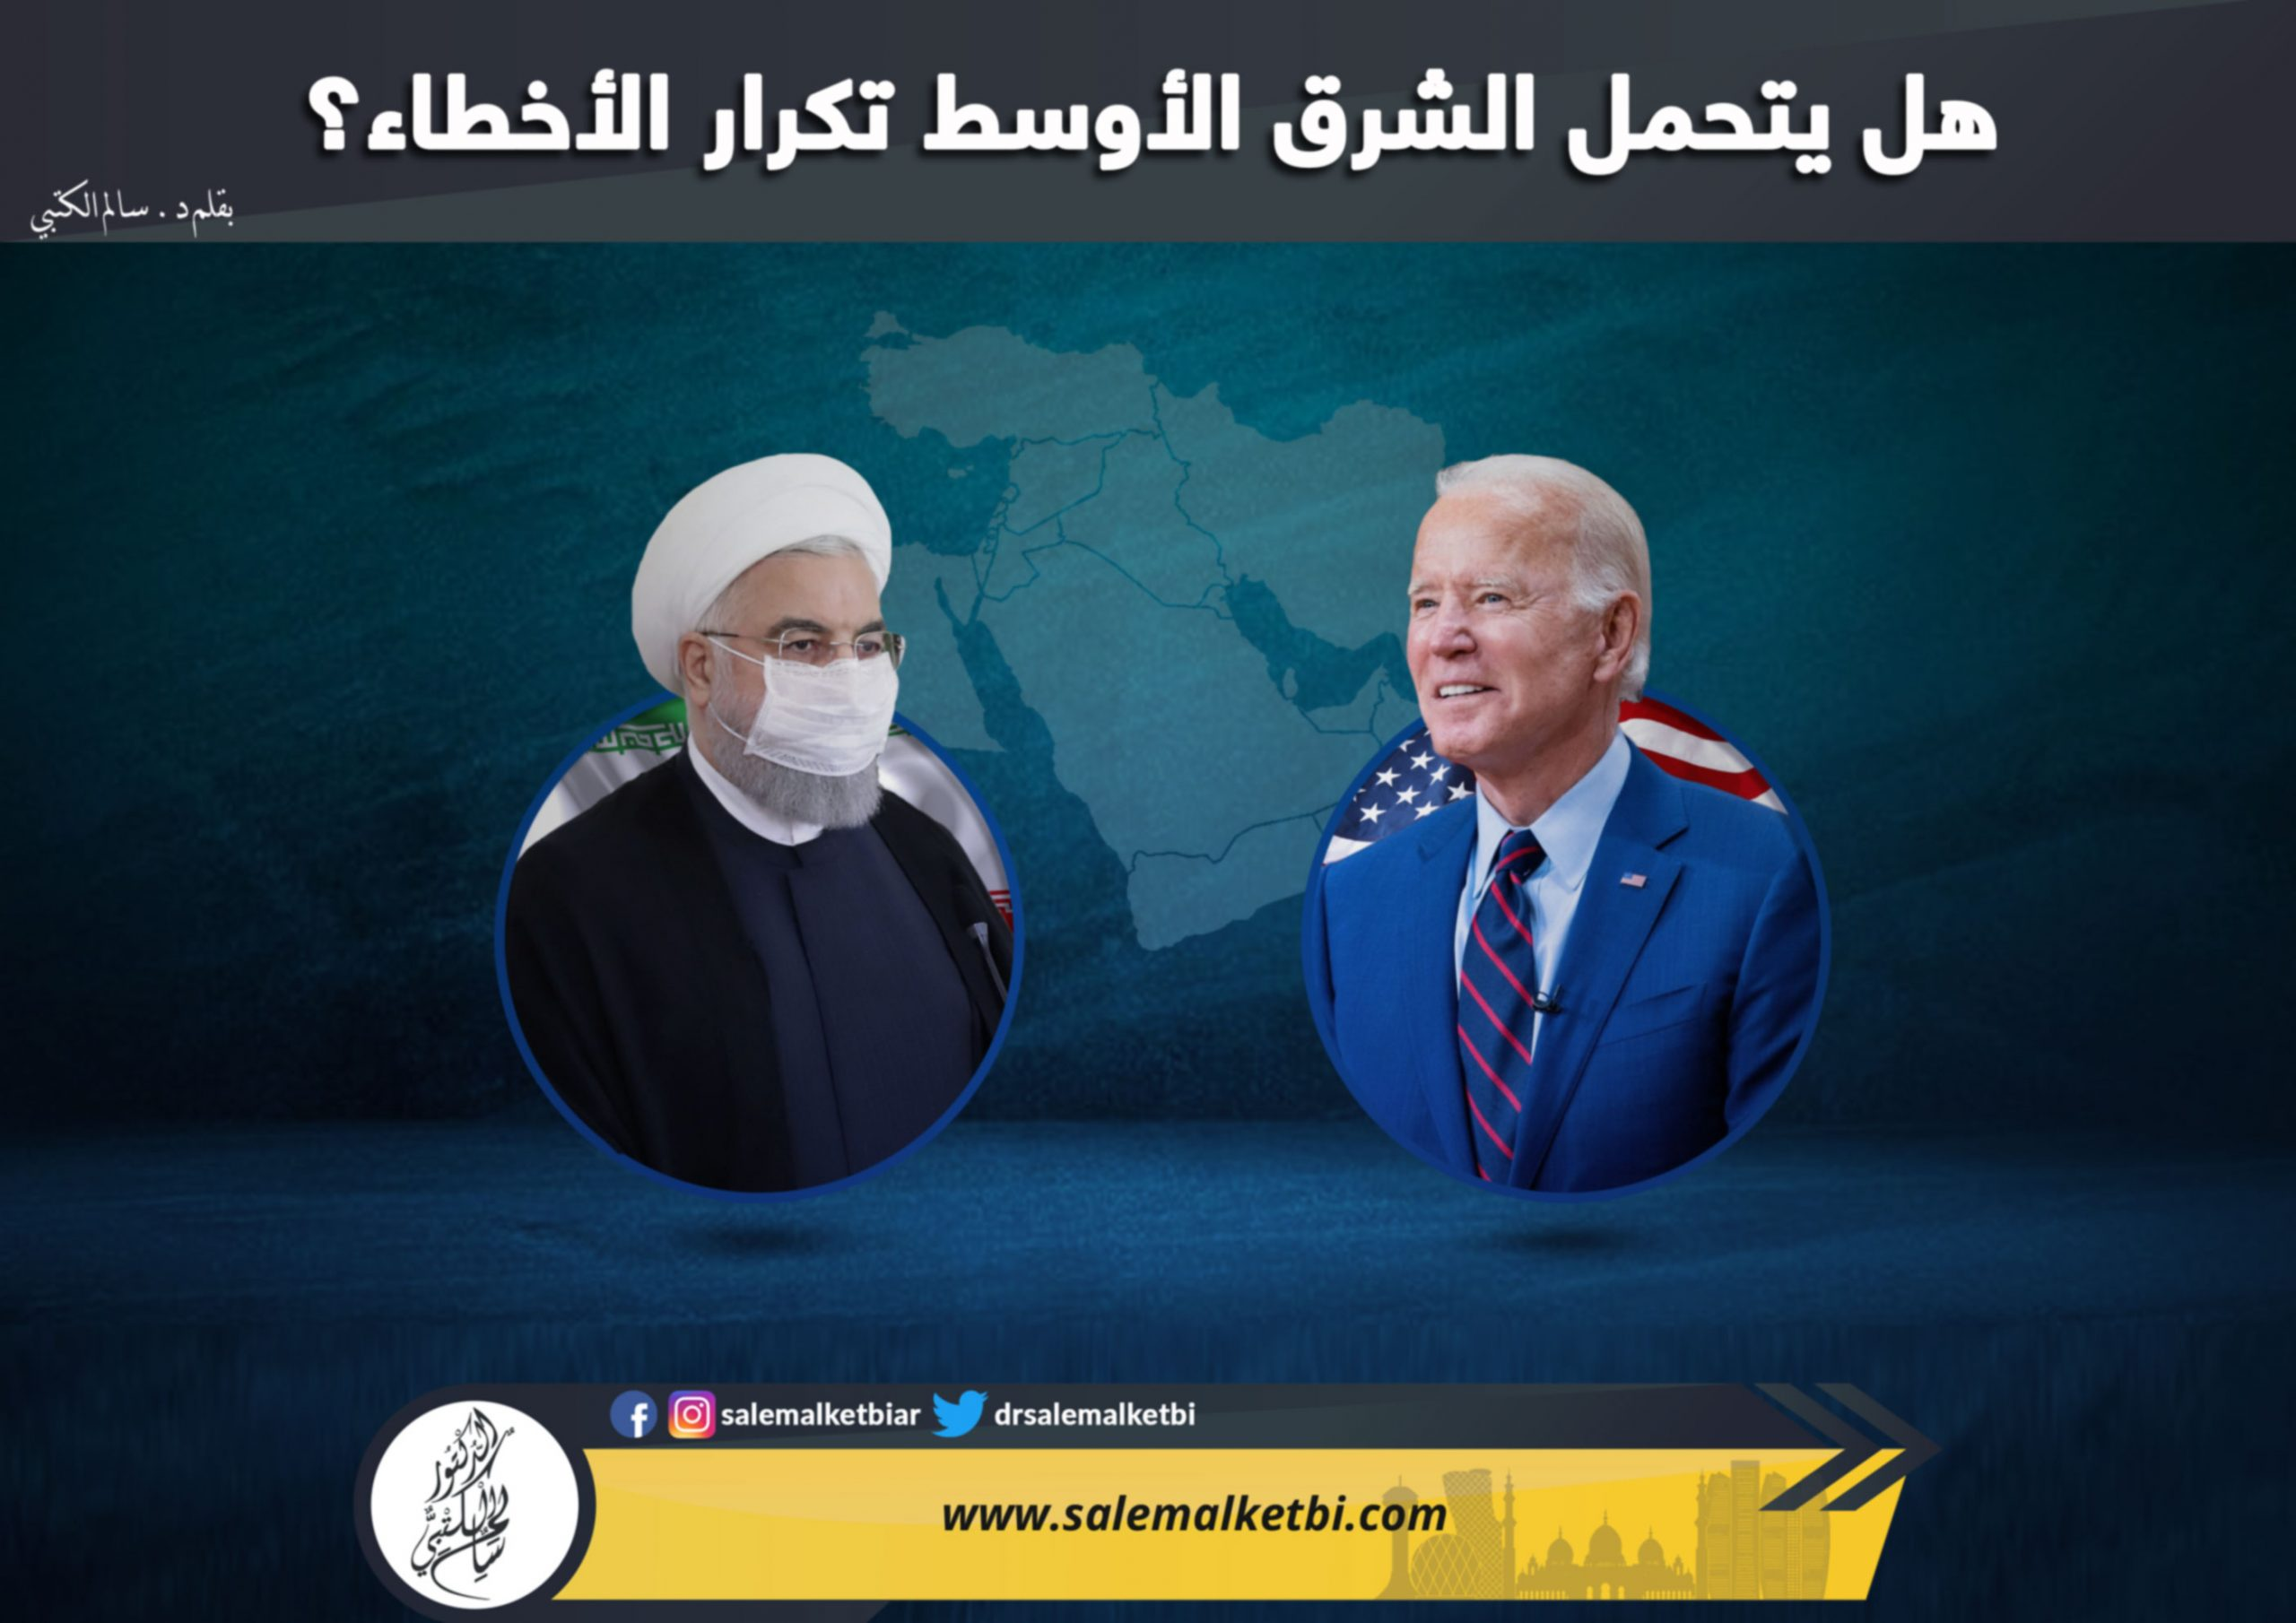 هل يتحمل الشرق الأوسط تكرار الأخطاء؟